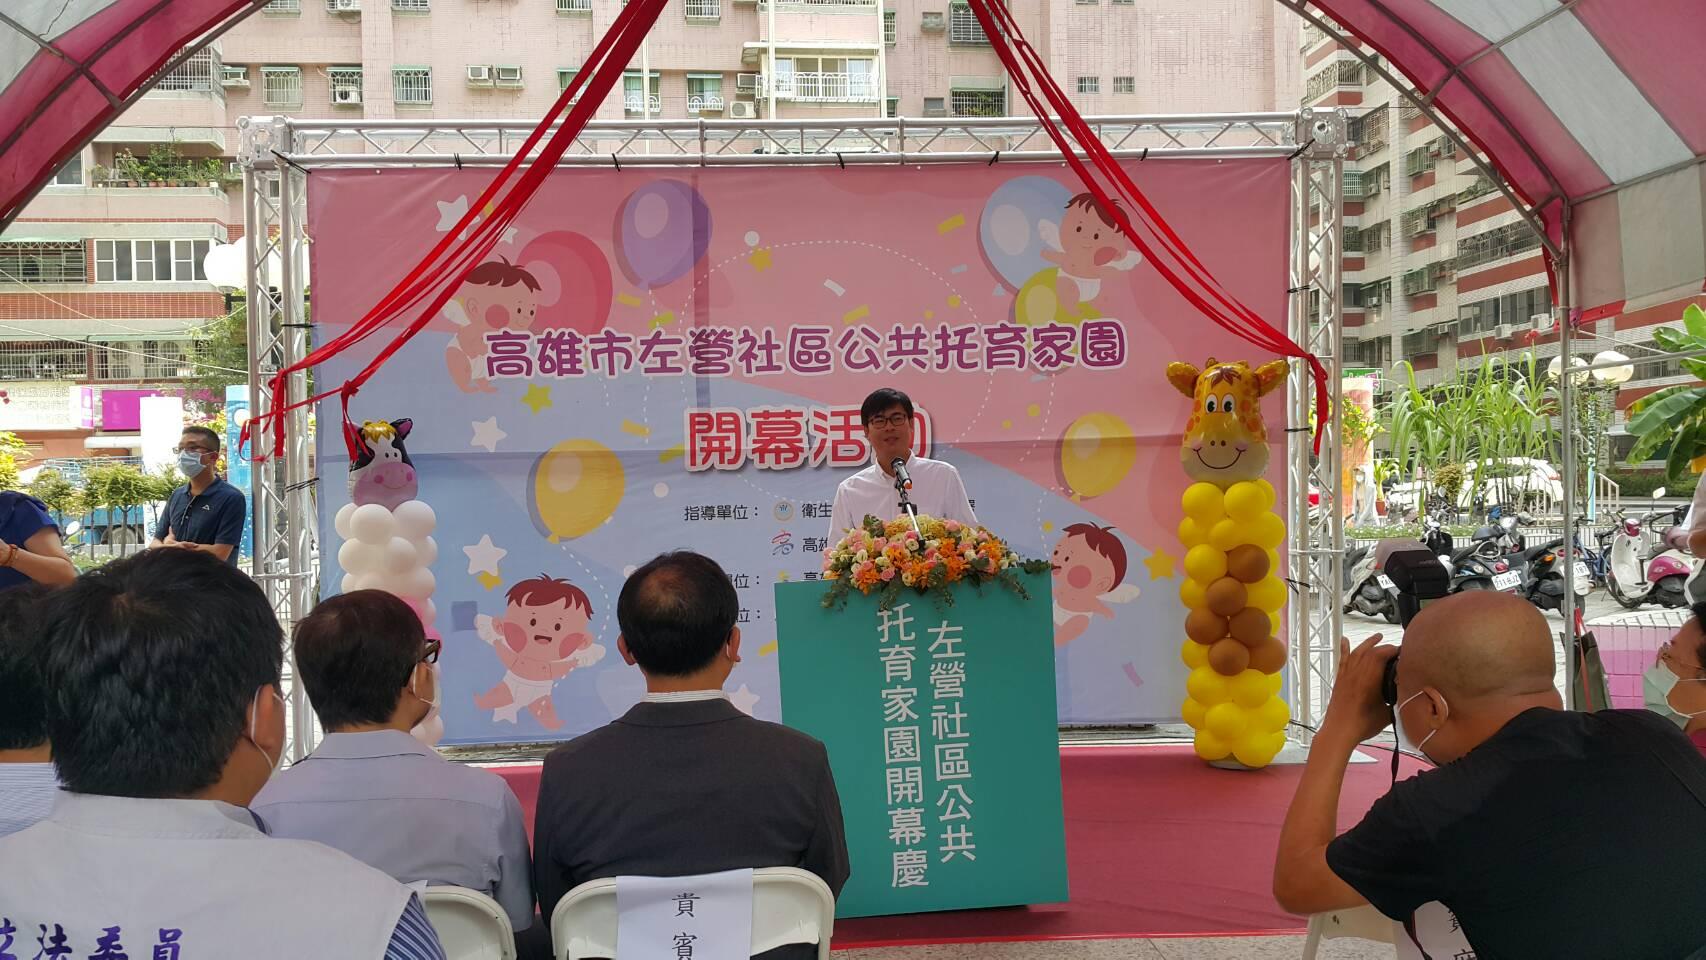 『高雄市左營社區公共托育家園』開幕慶祝活動